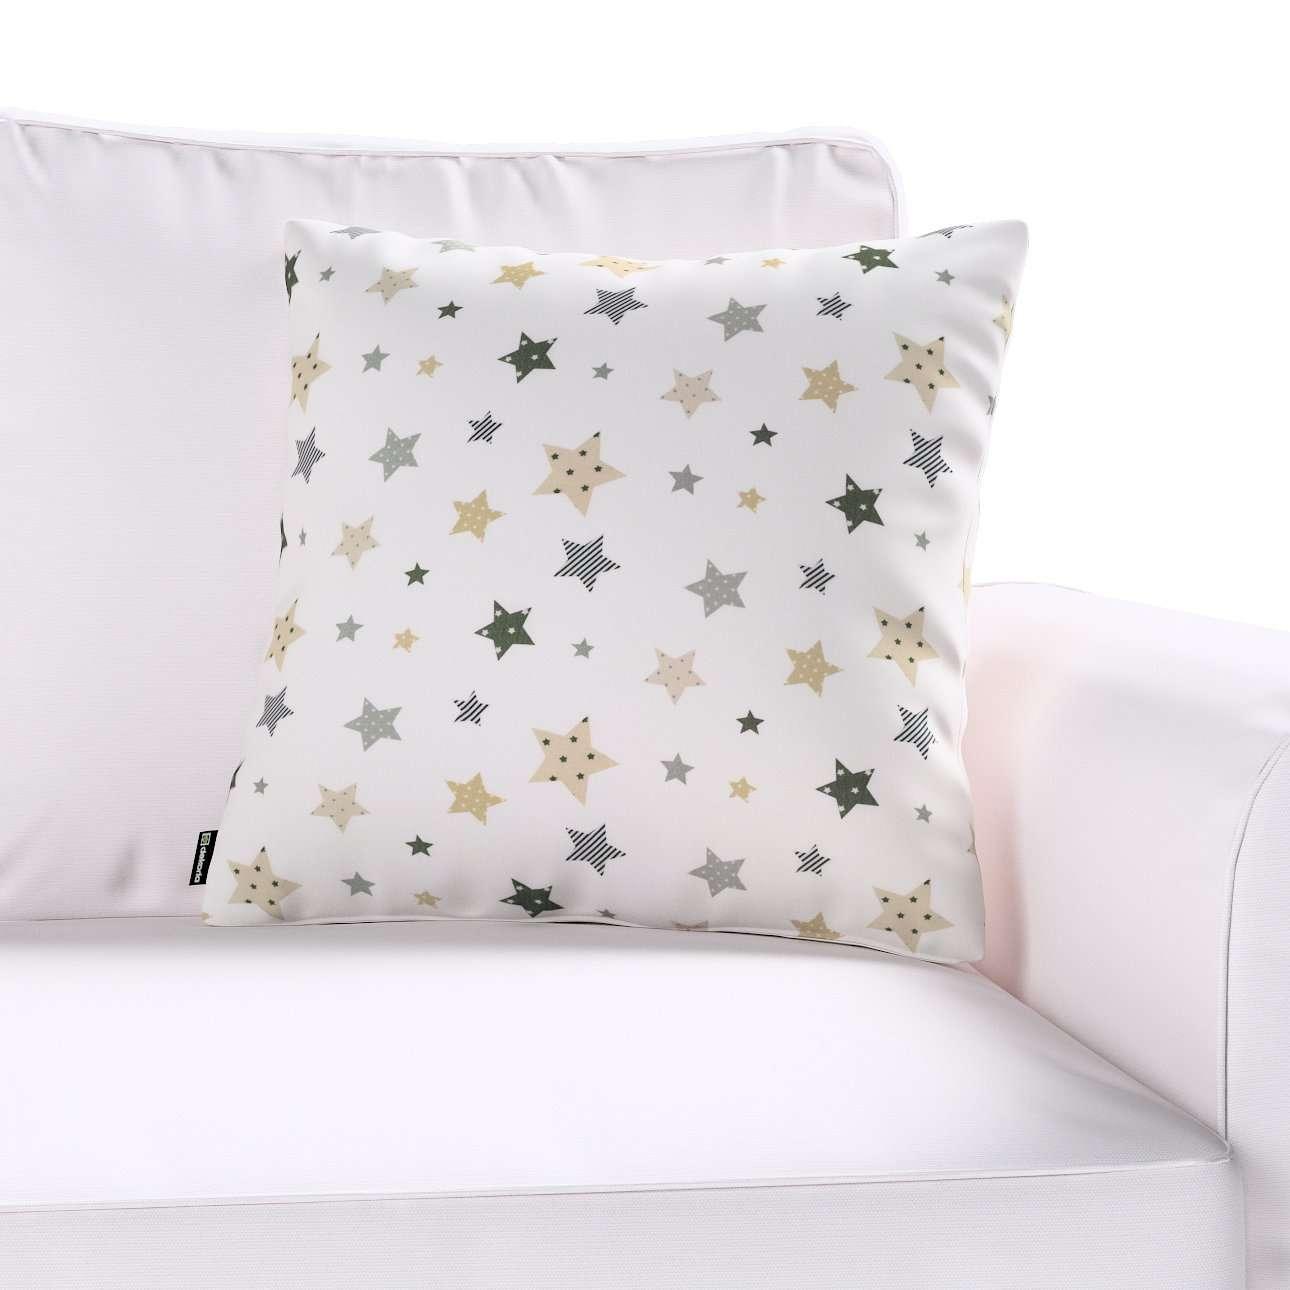 Poszewka Kinga na poduszkę w kolekcji Adventure, tkanina: 141-86